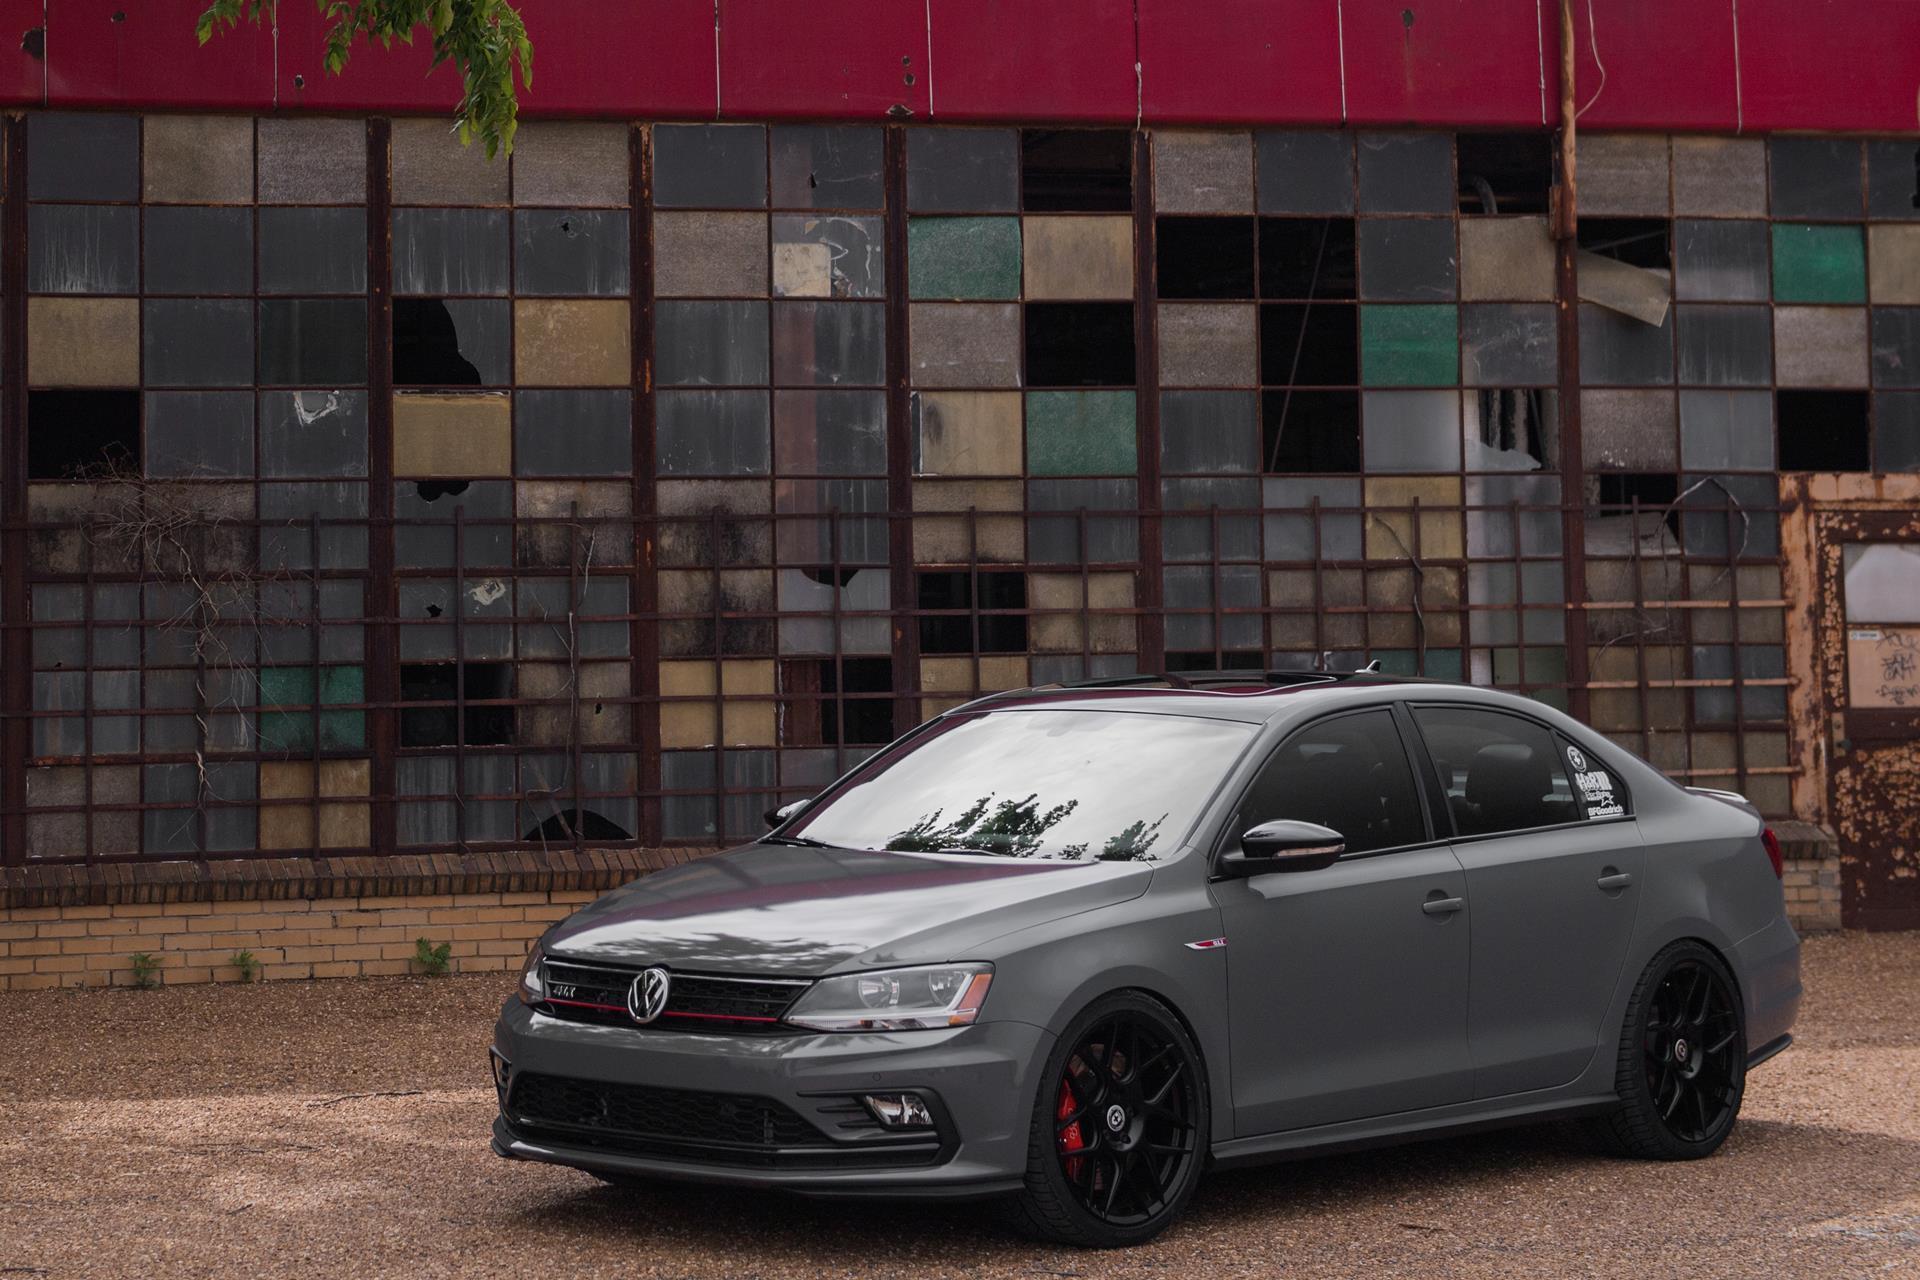 2017 Volkswagen Jetta GLI Nardo Concept News and ...